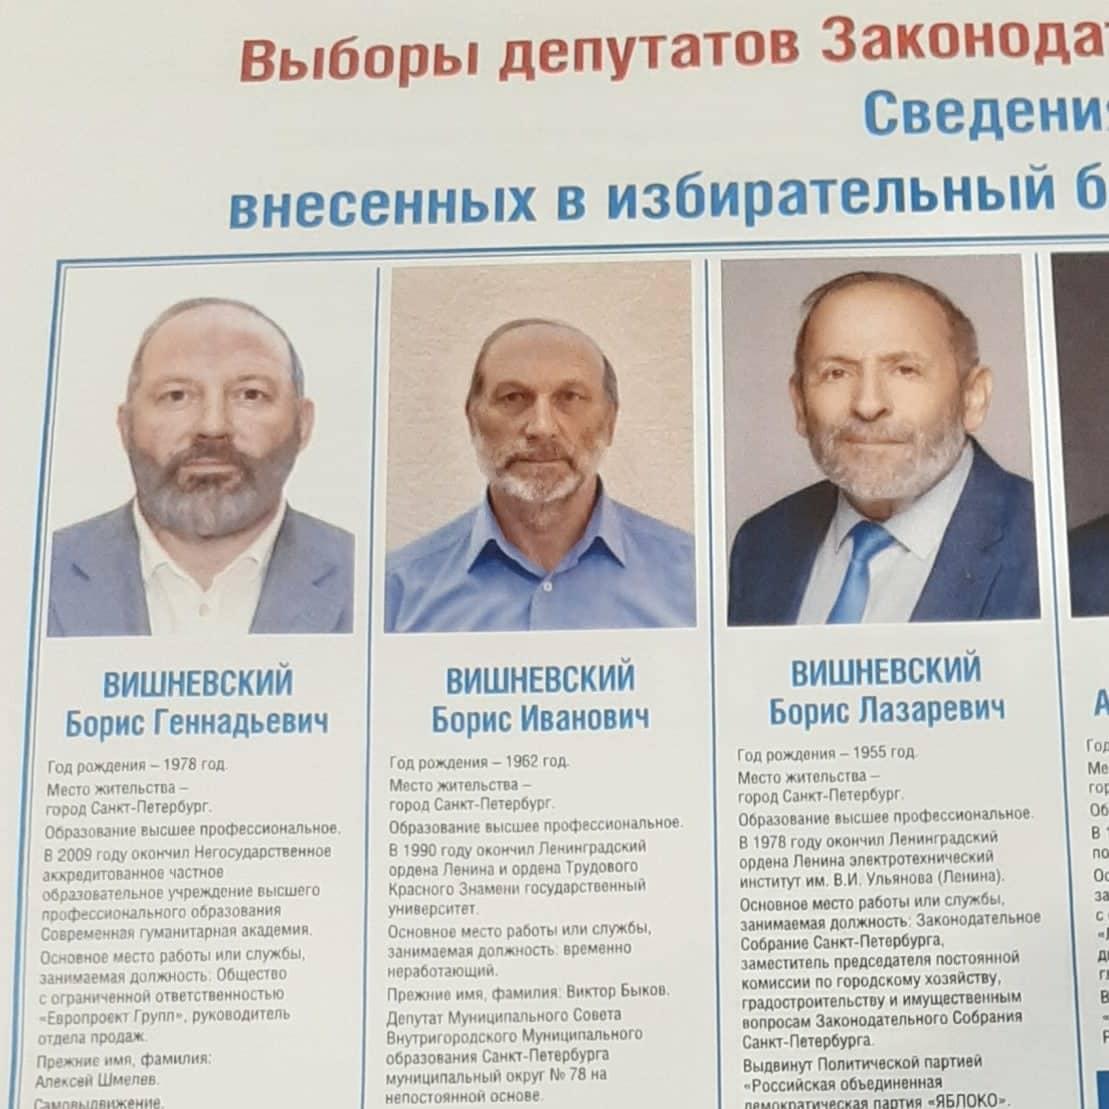 Valokuva vaalimainoksesta, kolme miestä joilla on samankaltaiset nimet.